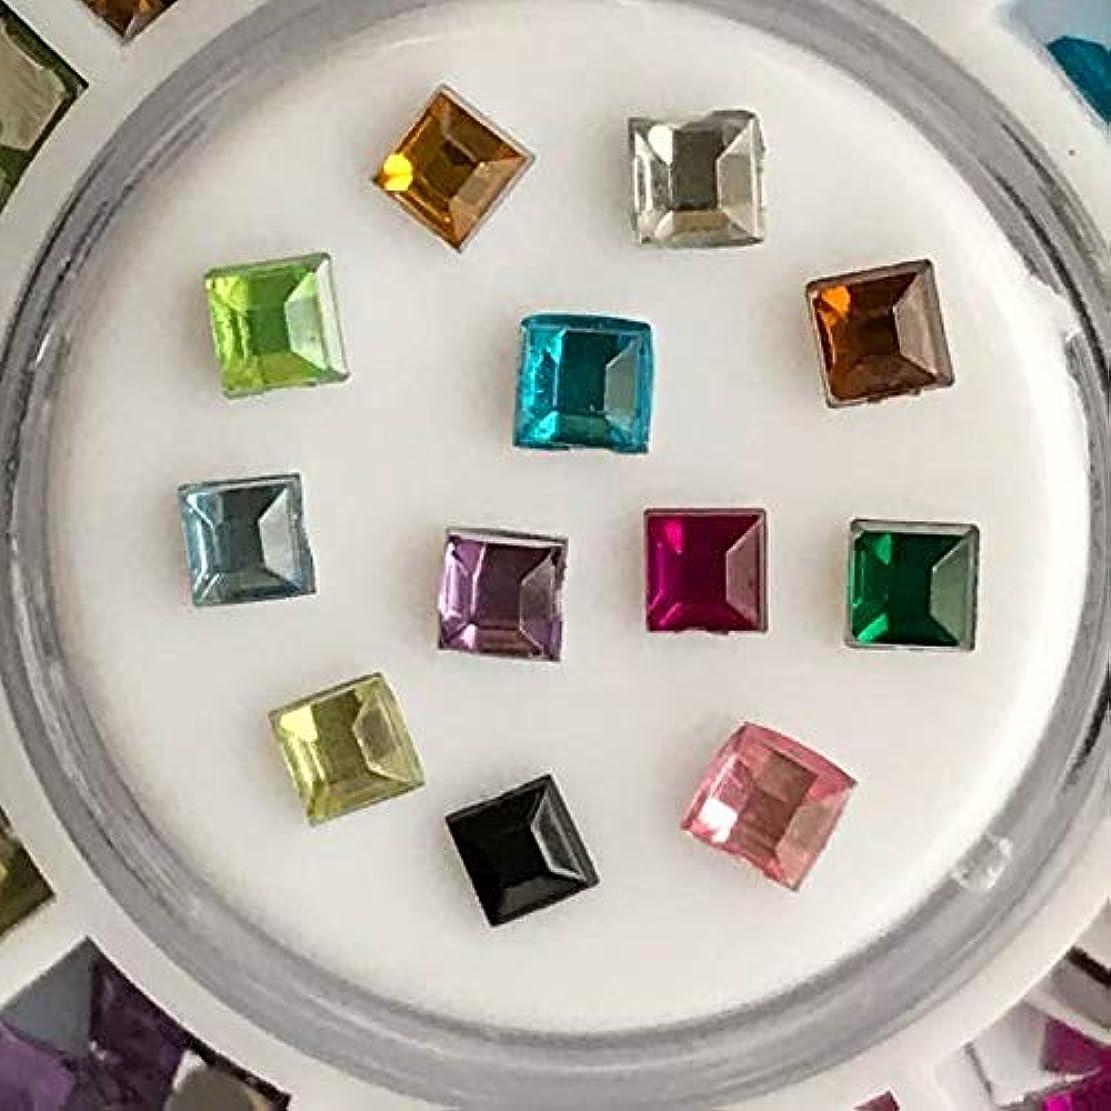 スワップすすり泣き中アクリルラインストーン12色セットネイル用DIYアクセサリーハンドメイド素材パーツ (スクエア四角形)